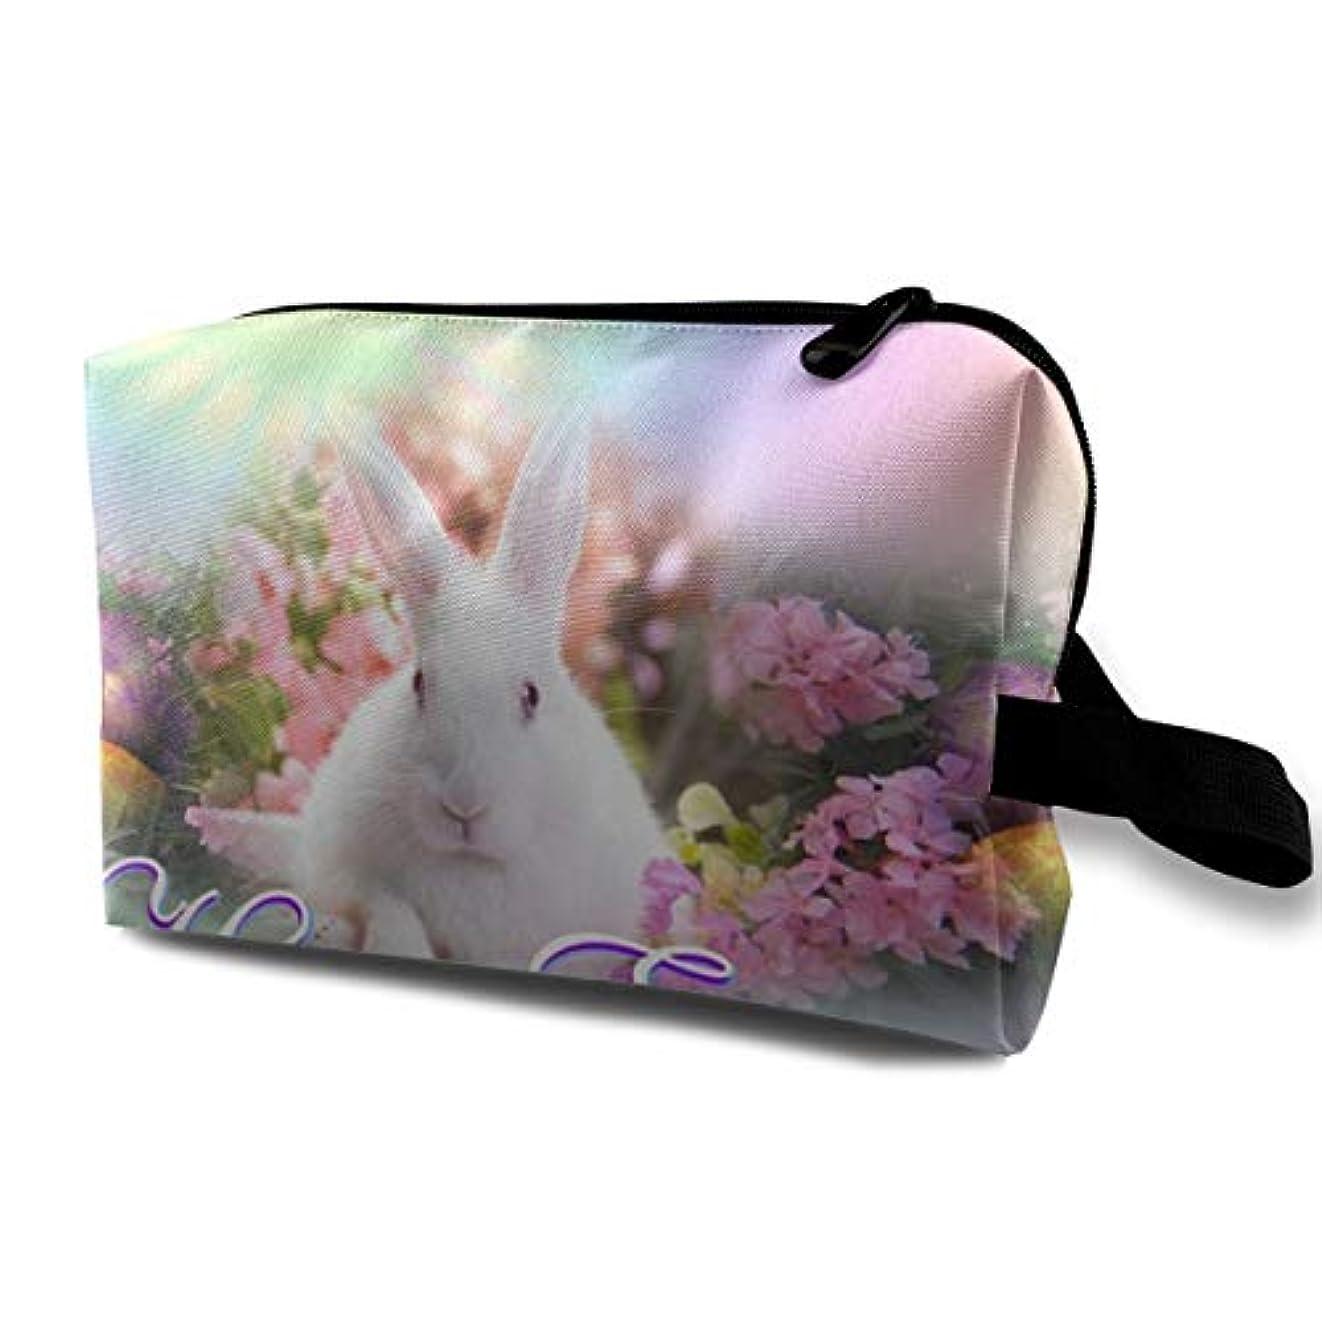 案件つまらない突き出すMEClOUD 化粧ポーチイースター おめでとう ウサギ メイクポーチ コスメバッグ 収納 雑貨大容量 小物入れ 旅行用